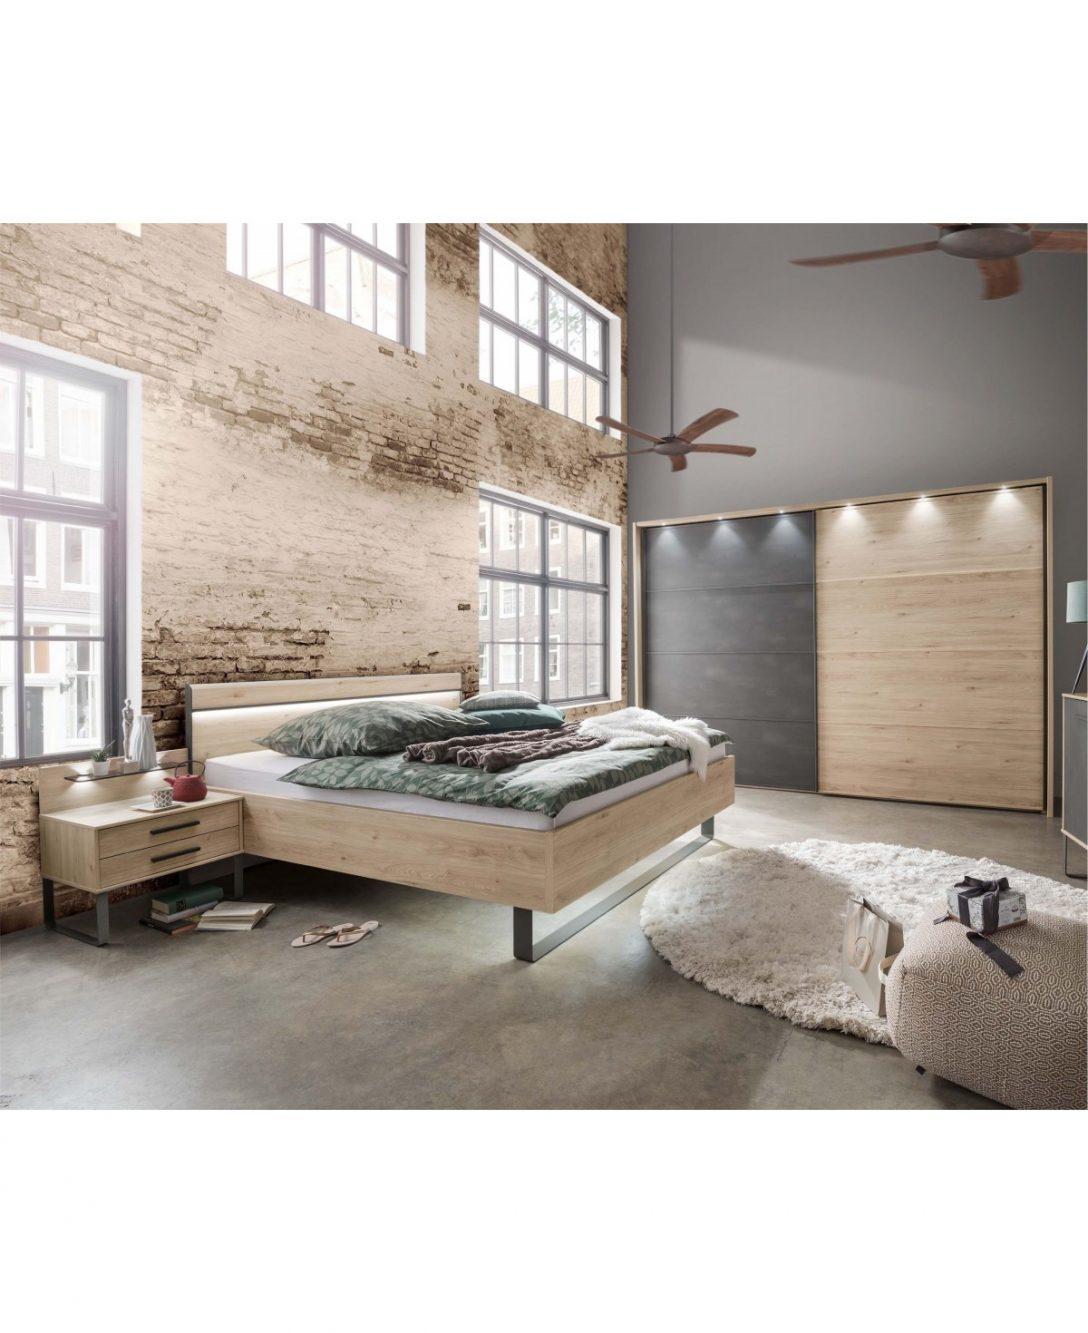 Large Size of Schrankbett 180x200 Ikea Mit Couch Bett Schrank Amazon Selber Bauen Schreibtisch Kombination Gebraucht Set Schrankwand Sofa Kombi Apartment Jugendzimmer Nehl Bett Bett Schrank